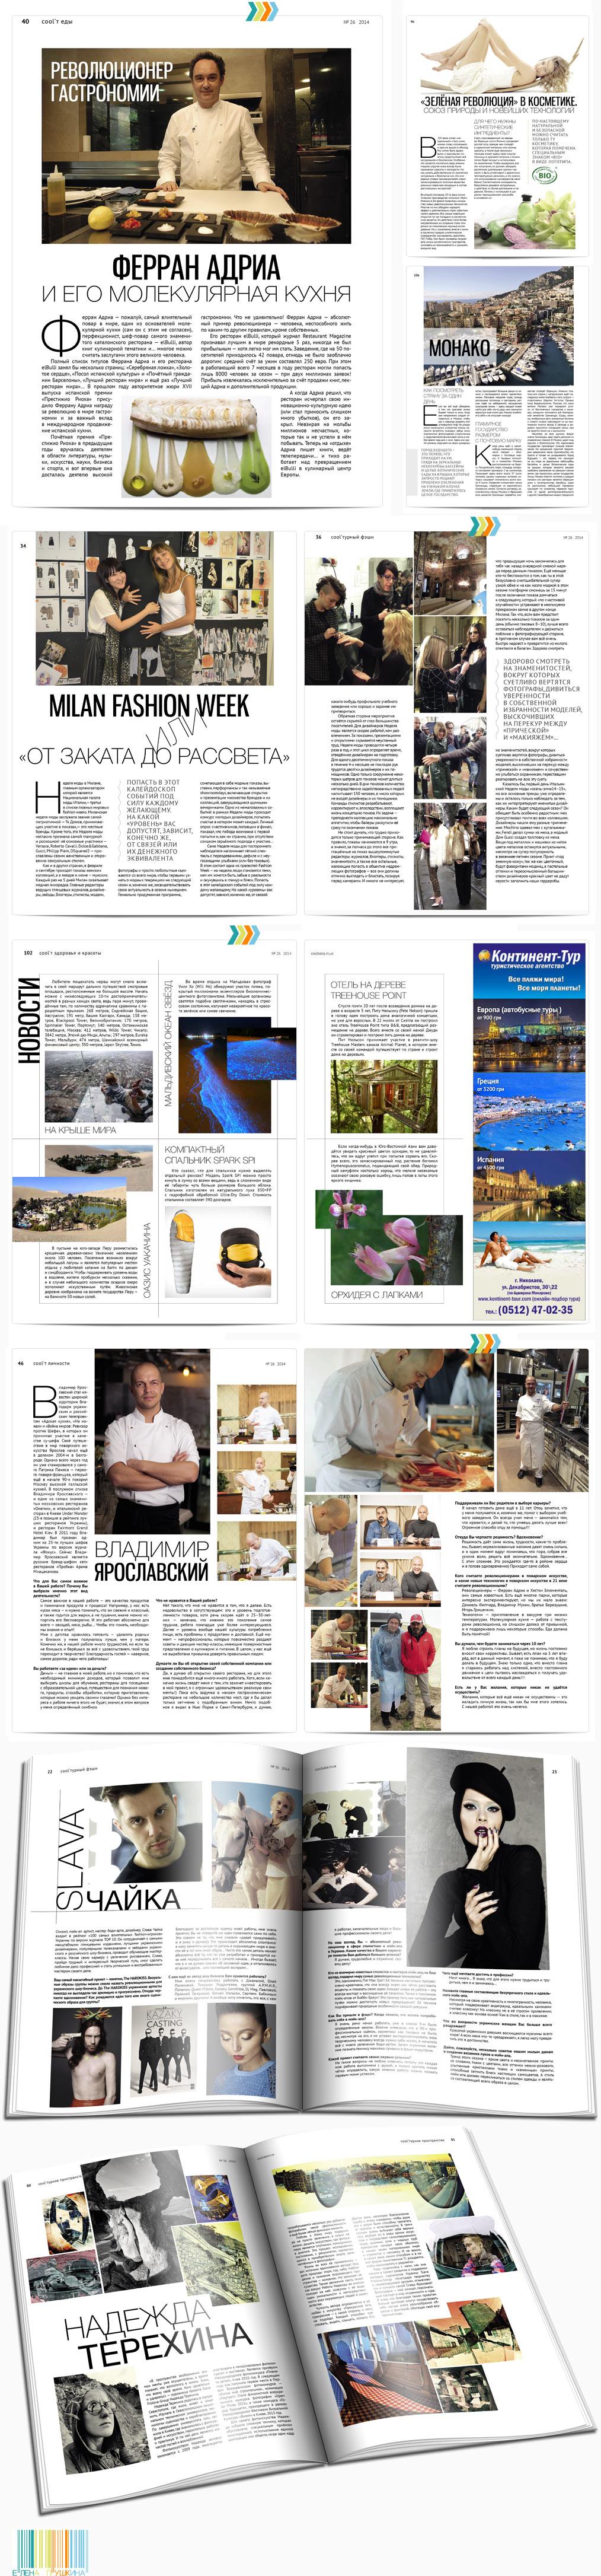 Глянцевый журнал «CoolBaba» №26-1 2014 — разработка дизайна и вёрстка журнала Разработка журналов Портфолио